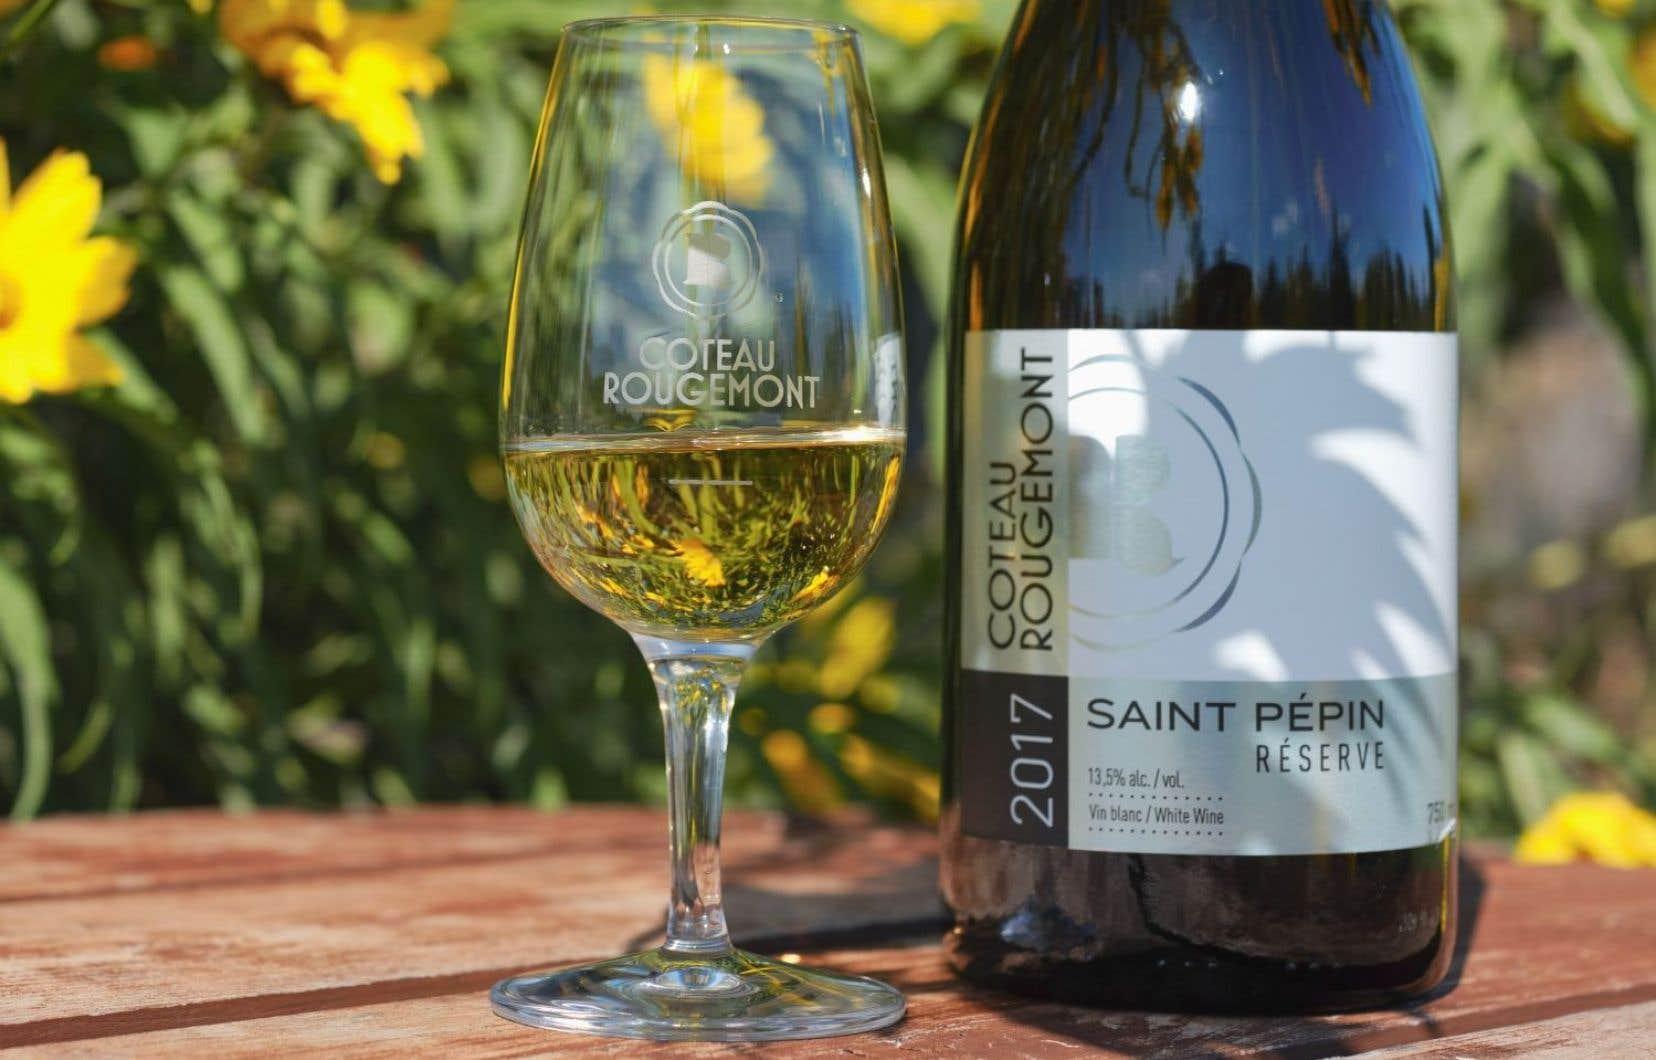 Le Saint Pépin Réserve 2019 du vignoble Coteau Rougemont est reconnu pour la finesse de ses arômes.